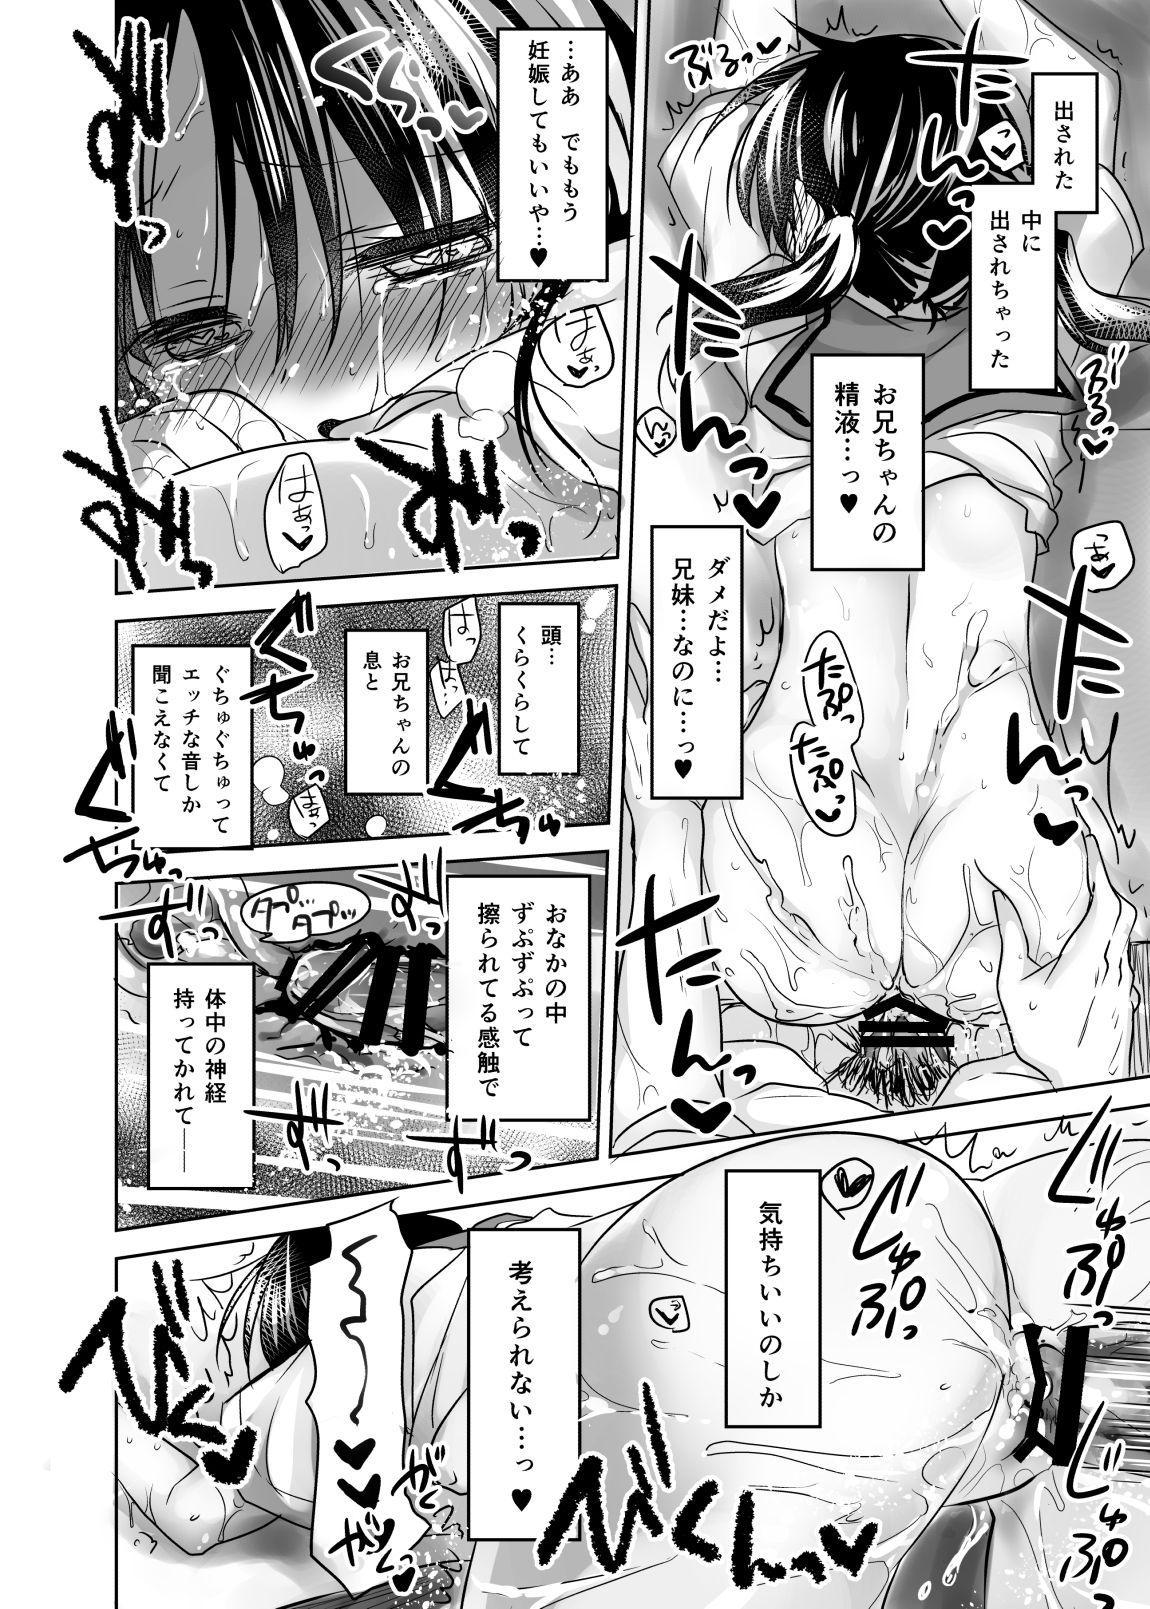 Oyasumi Sex Shidokuban 27